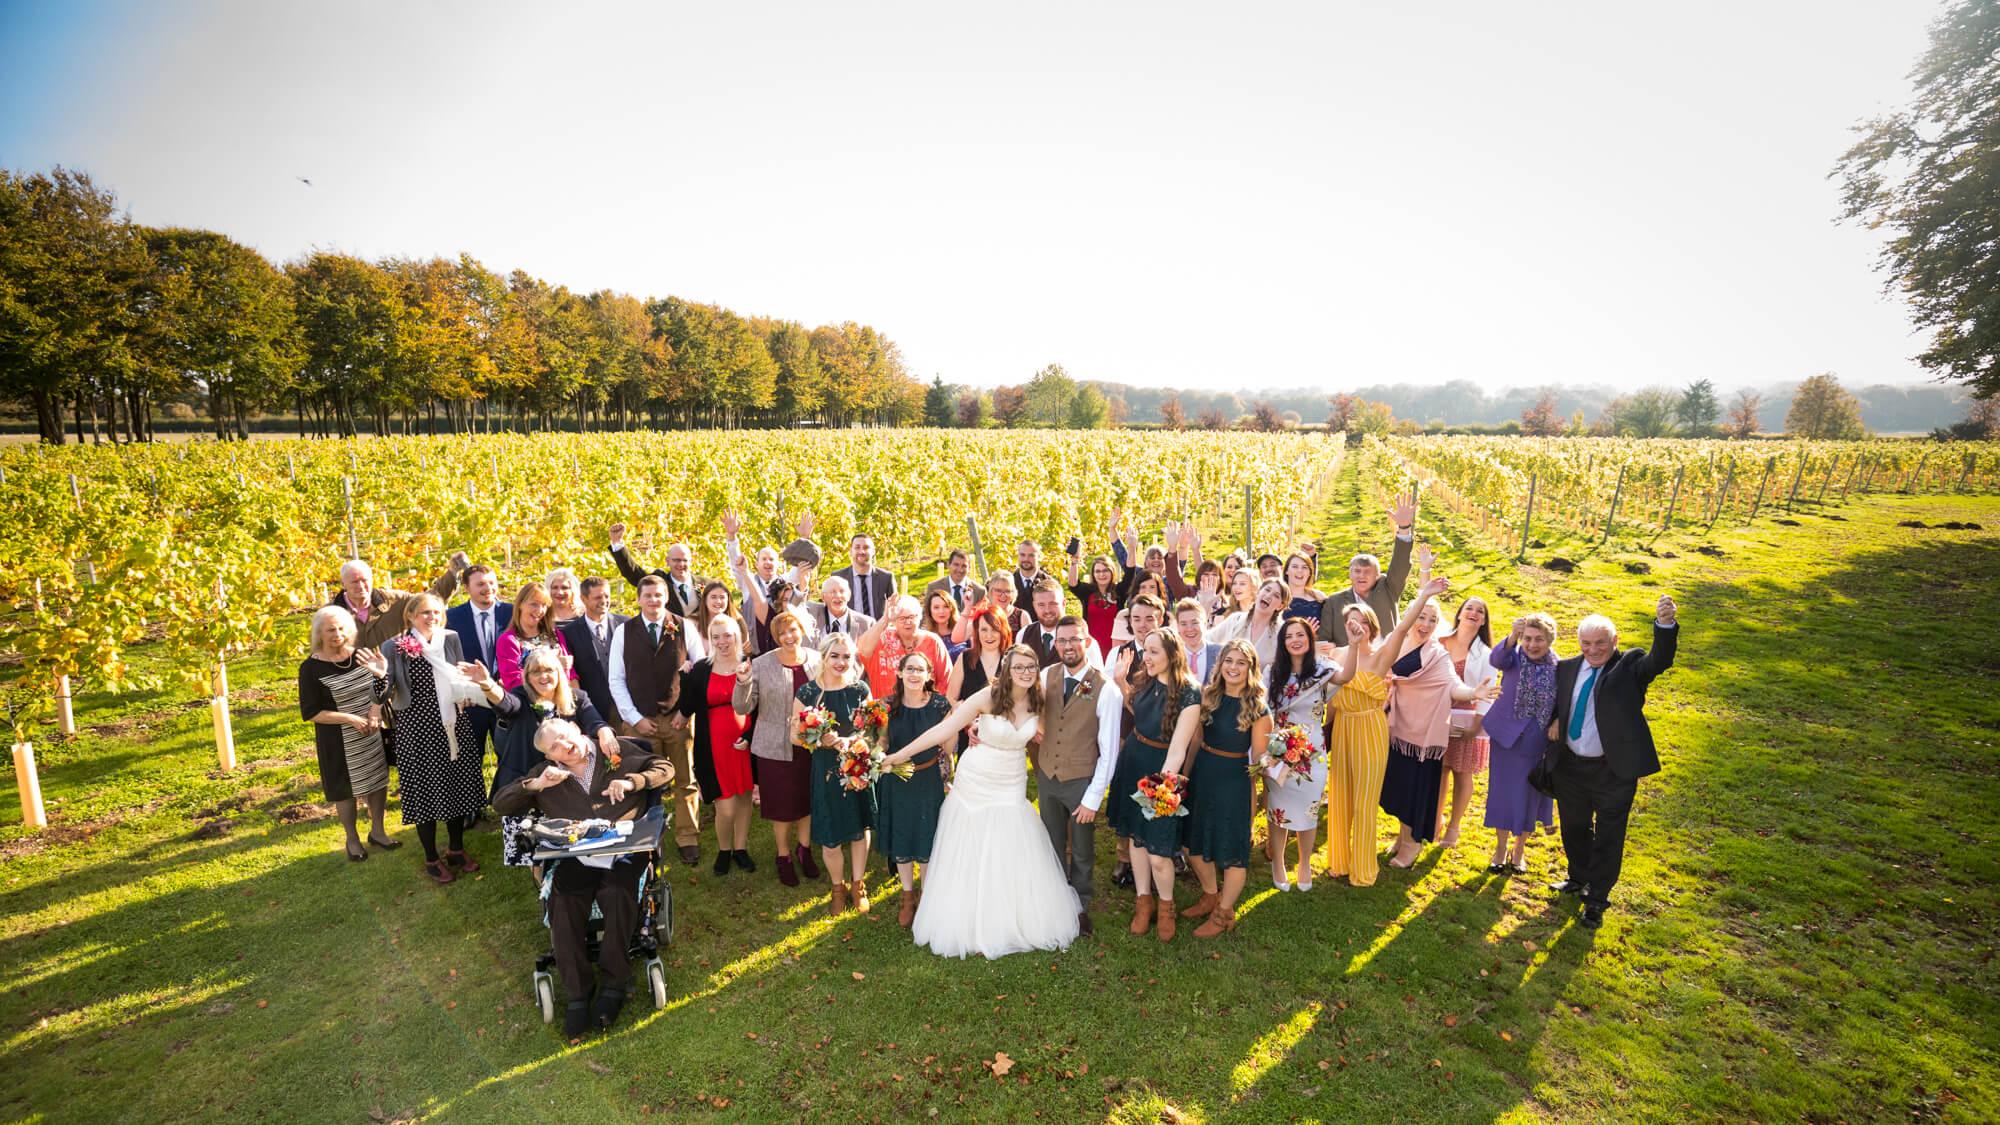 Salisbury wedding photographer, wedding party, vineyard